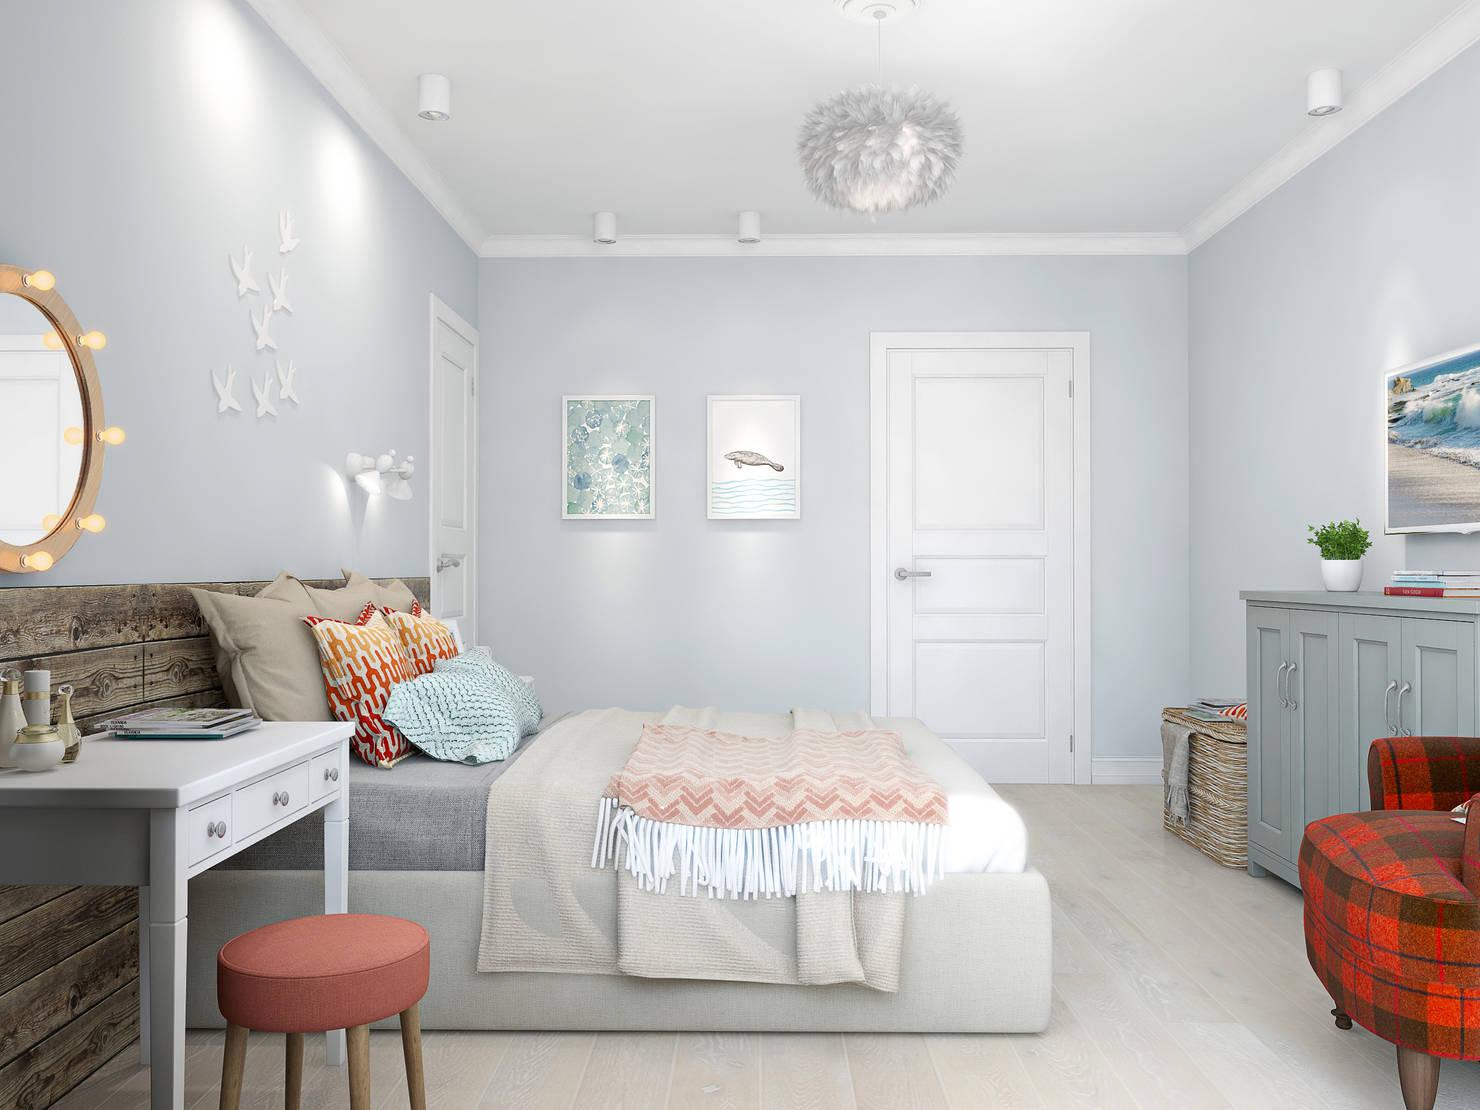 14 Schlafzimmerideen zur Inspiration für dein eigenes